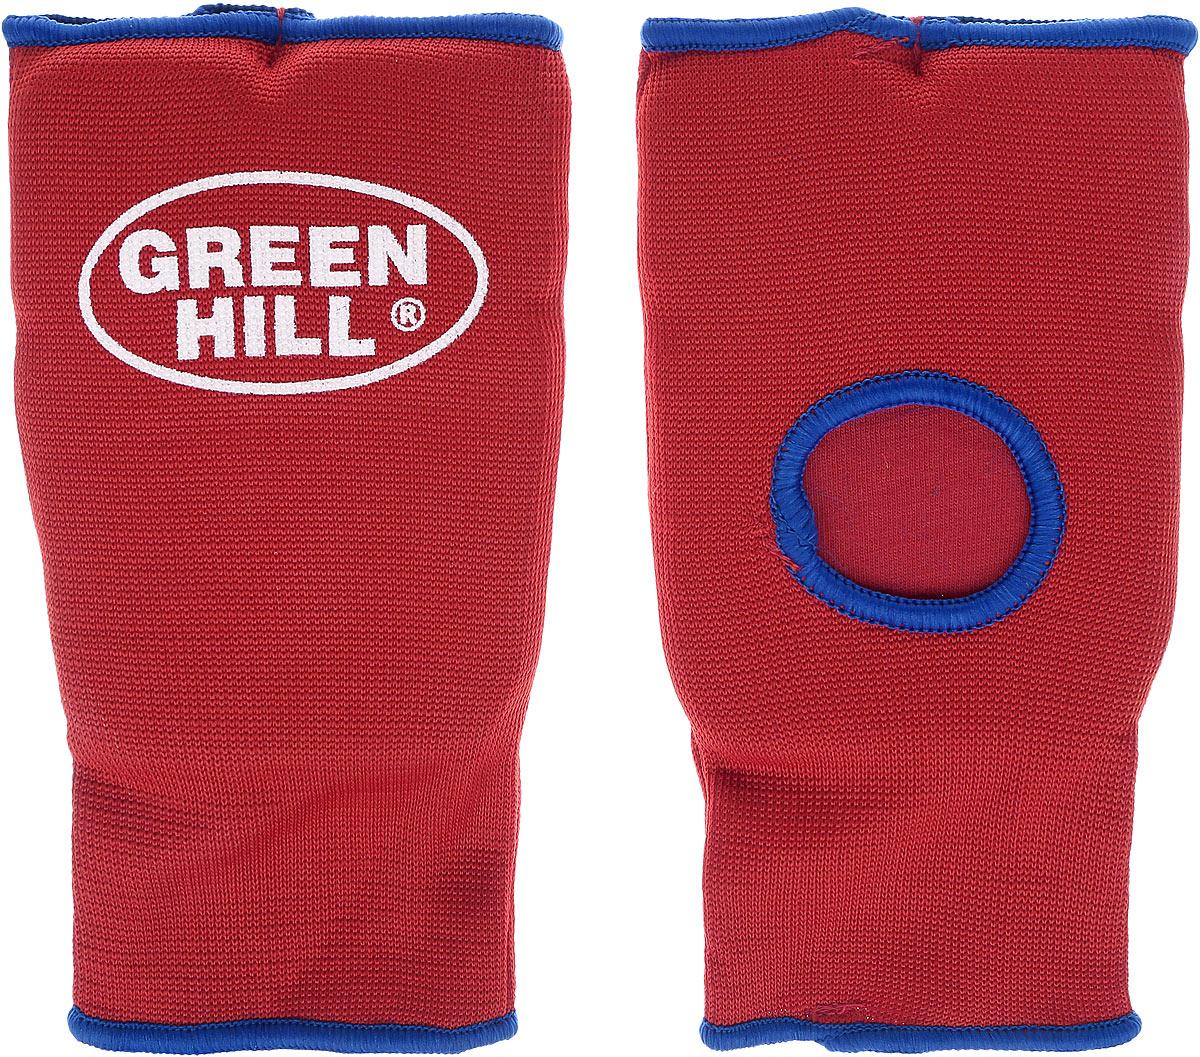 Защита на кисть Green Hill, цвет: красный, синий. Размер L. HP-0053AP-0047Защита на кисть Green Hill предназначена для занятий различными видами единоборств. Она защищает руки от синяков, вывихов и ушибов. Защита изготовлена из хлопка с эластаном, мягкие вкладки изготовлены из вспененного полимера. Растягивается до 40%.